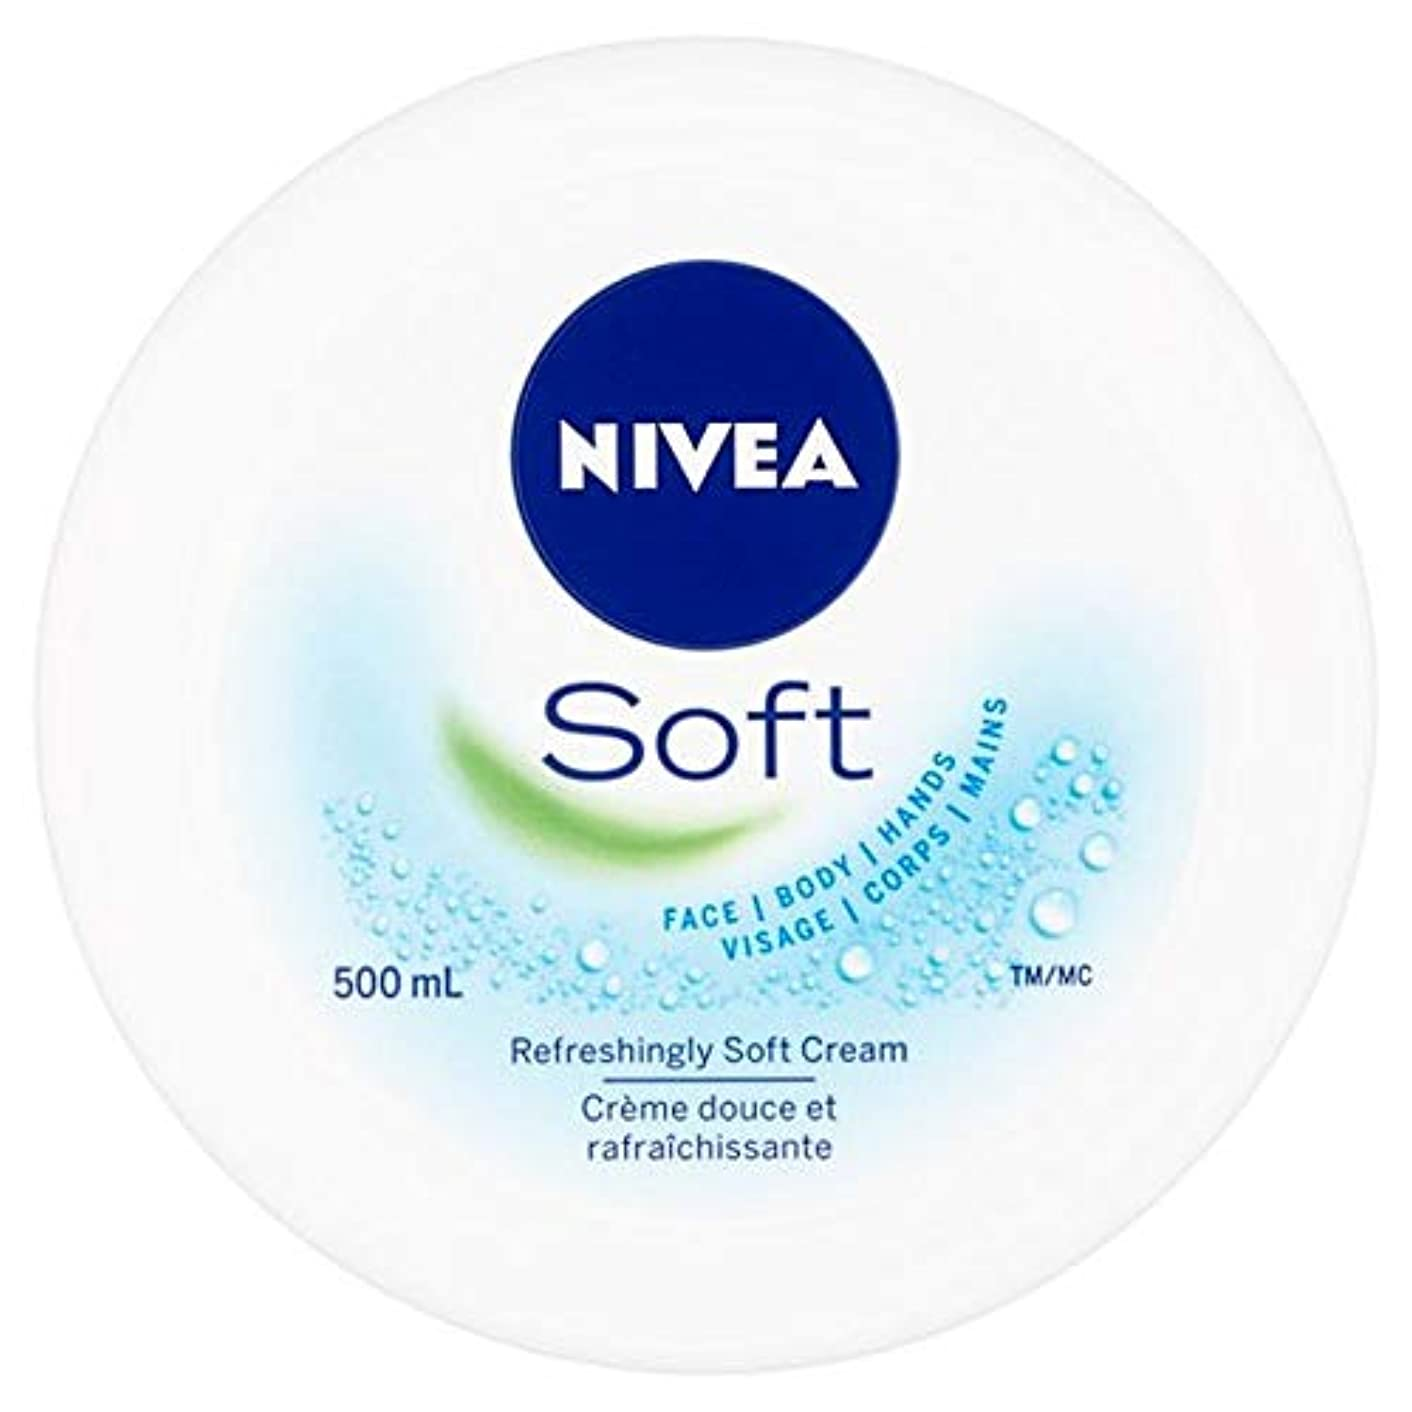 窒息させる痛い縁石[Nivea] ニベアソフト爽やかなクリーム500ミリリットル - Nivea Soft Refreshing Cream 500Ml [並行輸入品]